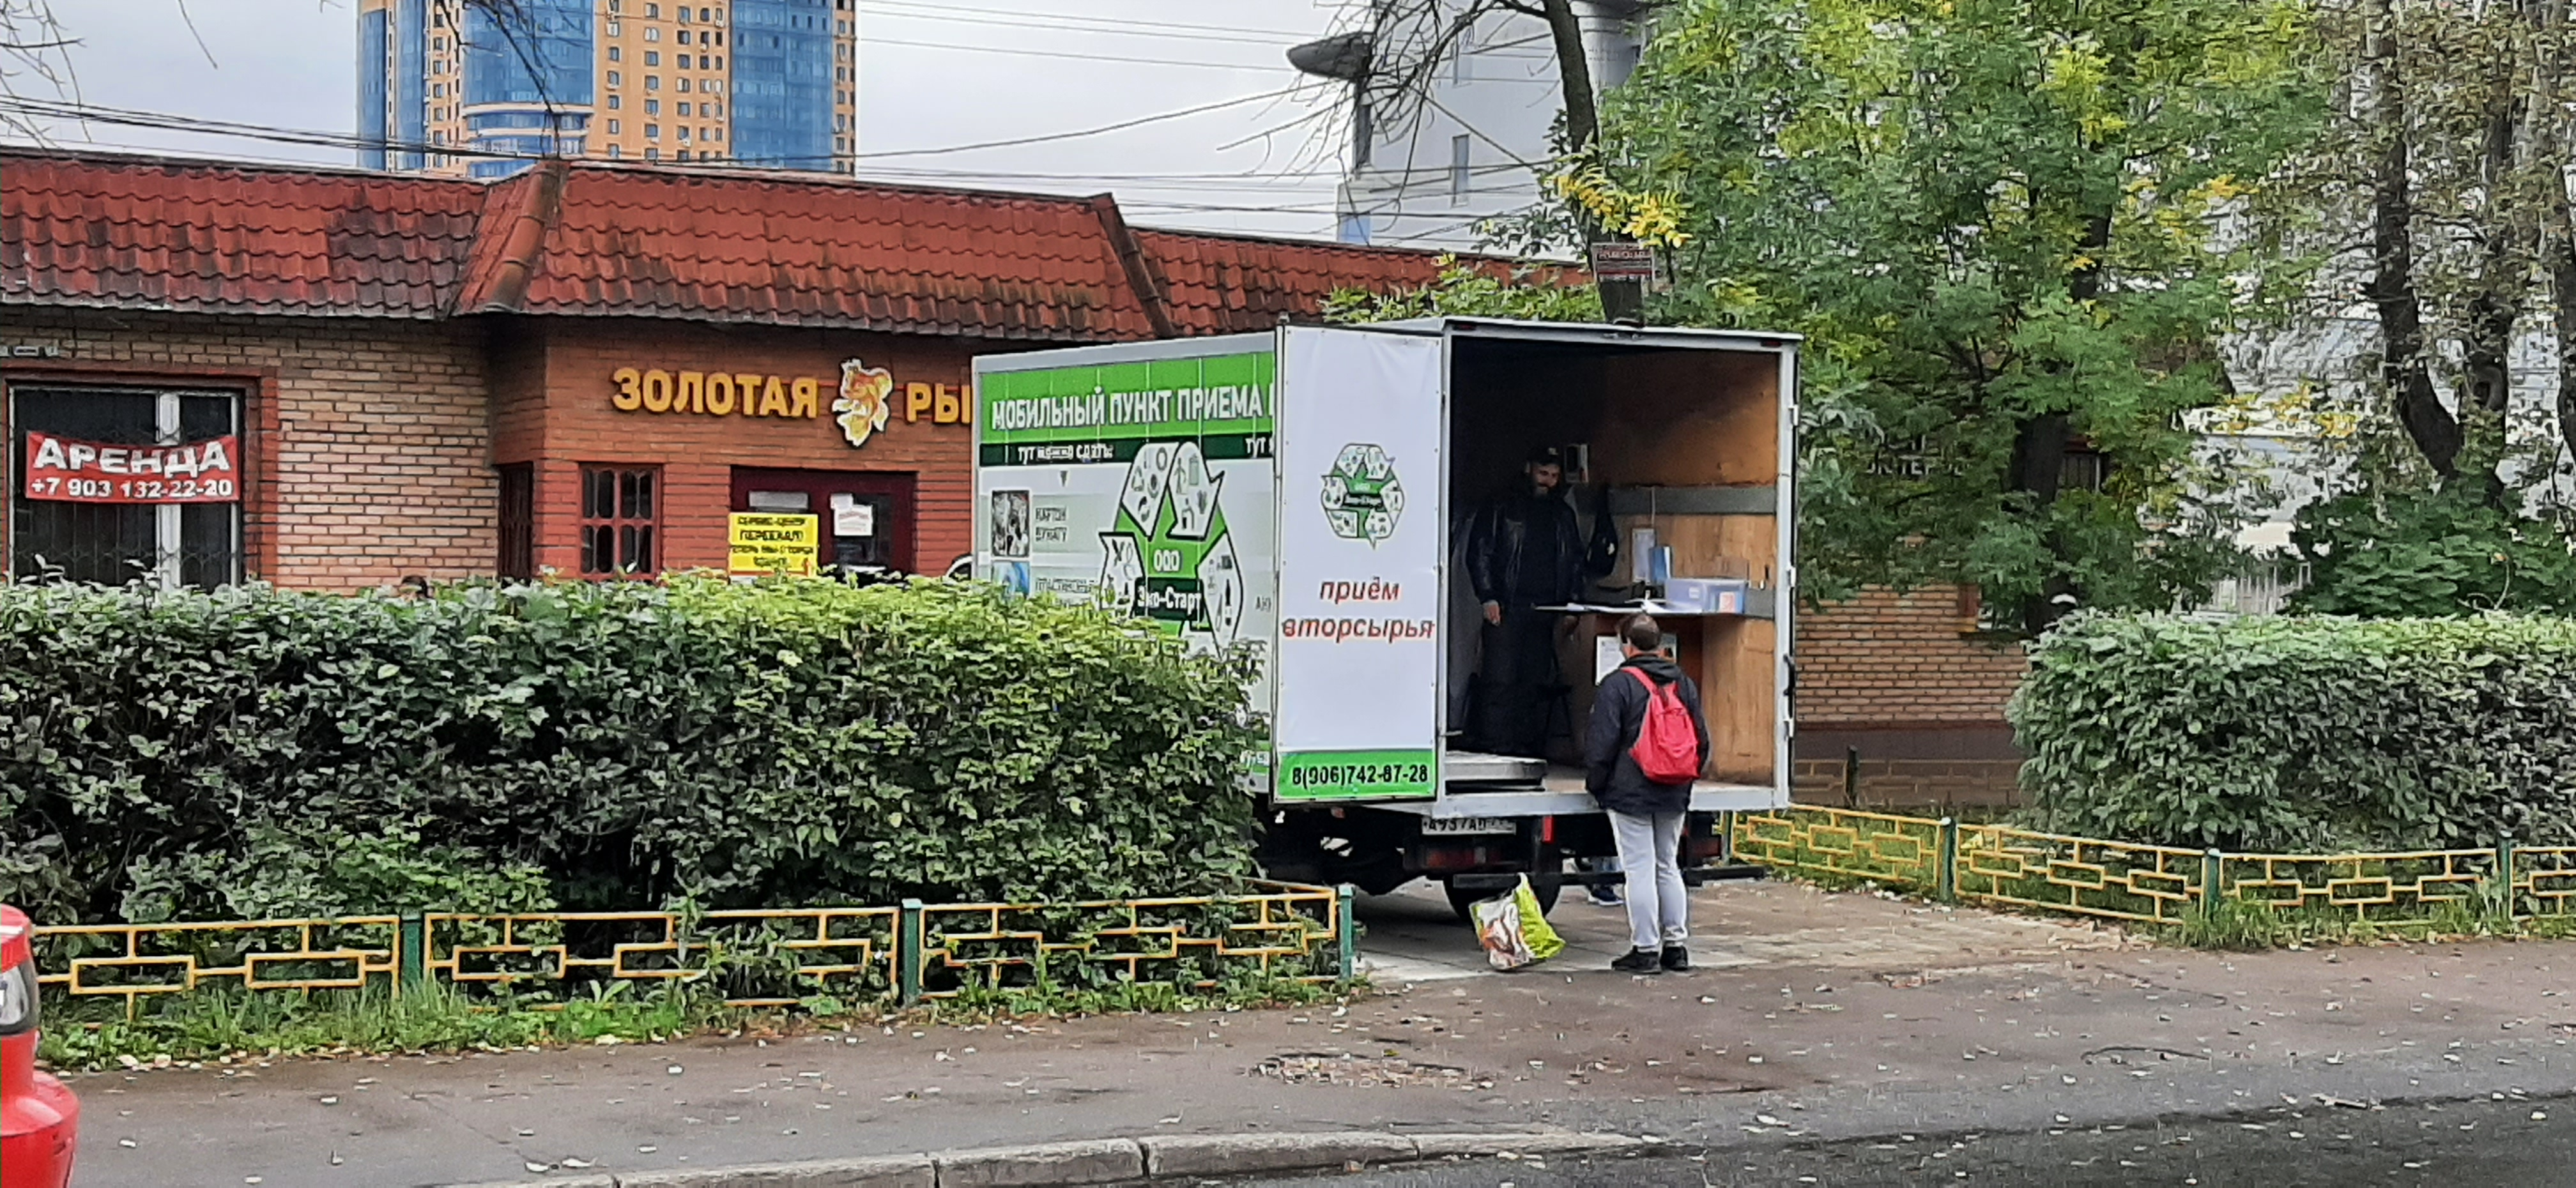 ООО Эко-Старт